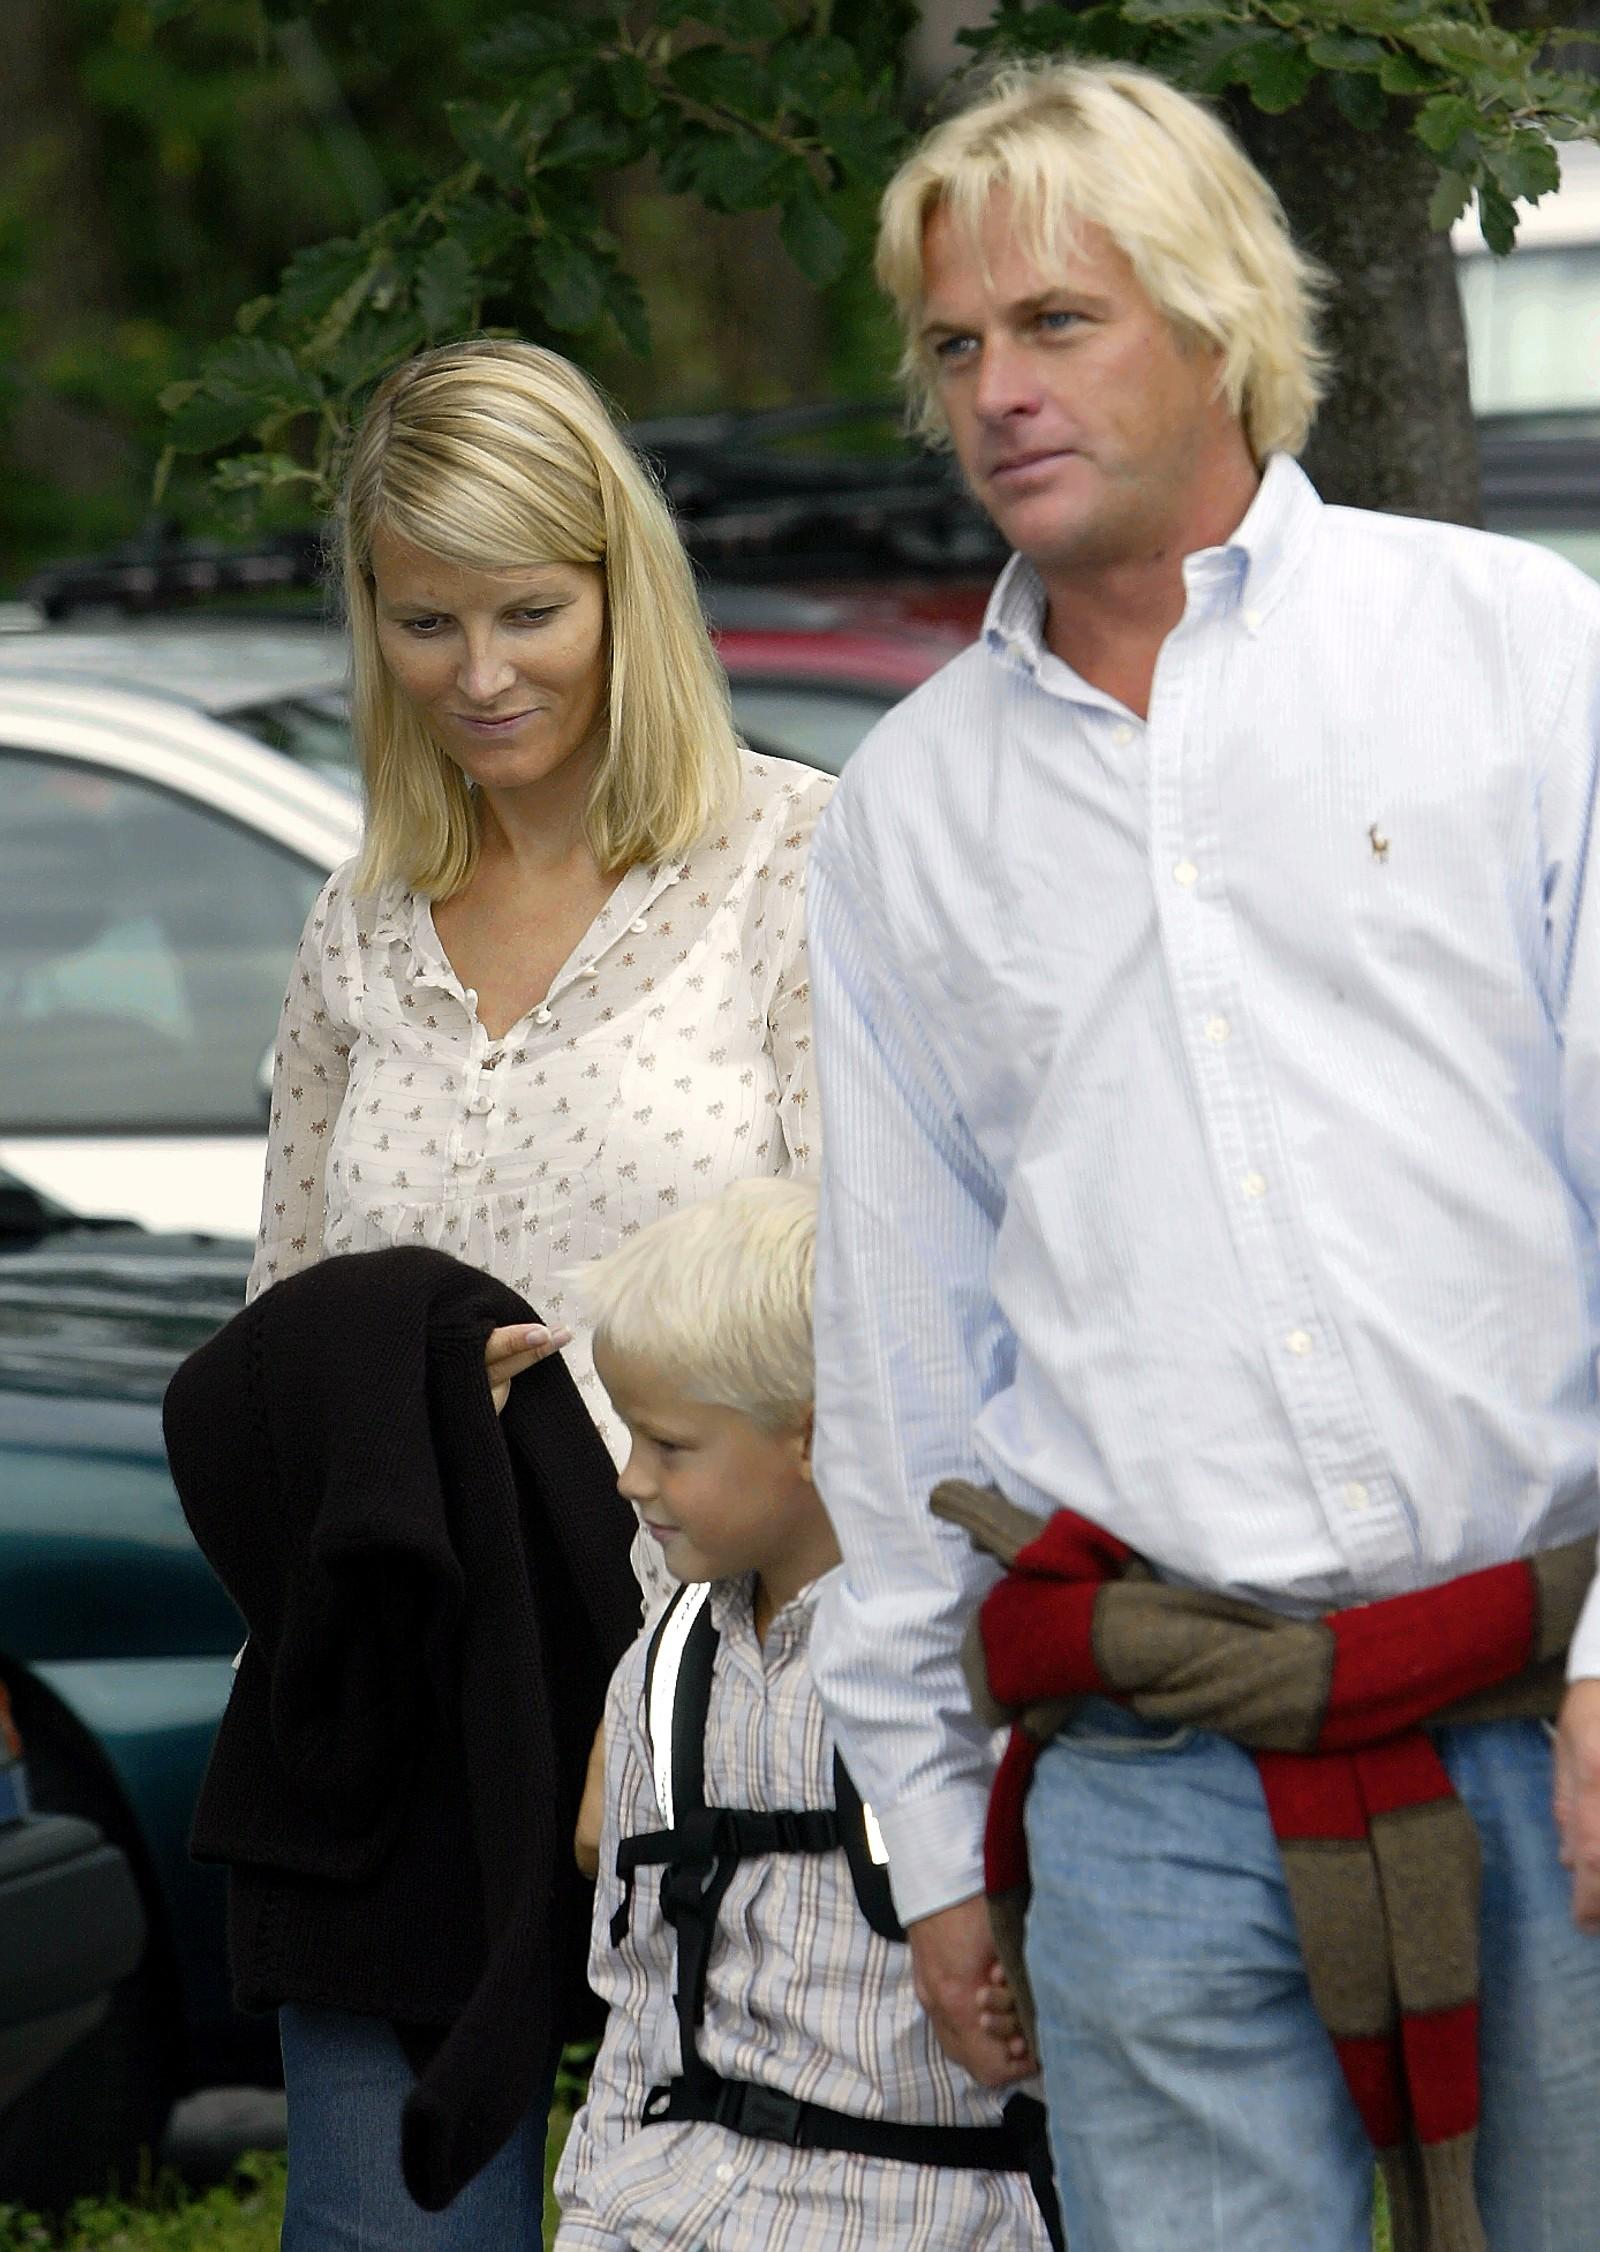 Marius begynner i første klasse på Jansløkka skole i Asker i 2003. Han ble fulgt av kronprinsesse Mette-Marit og kronprins Haakon, samt Marus' far, Morten Borg.